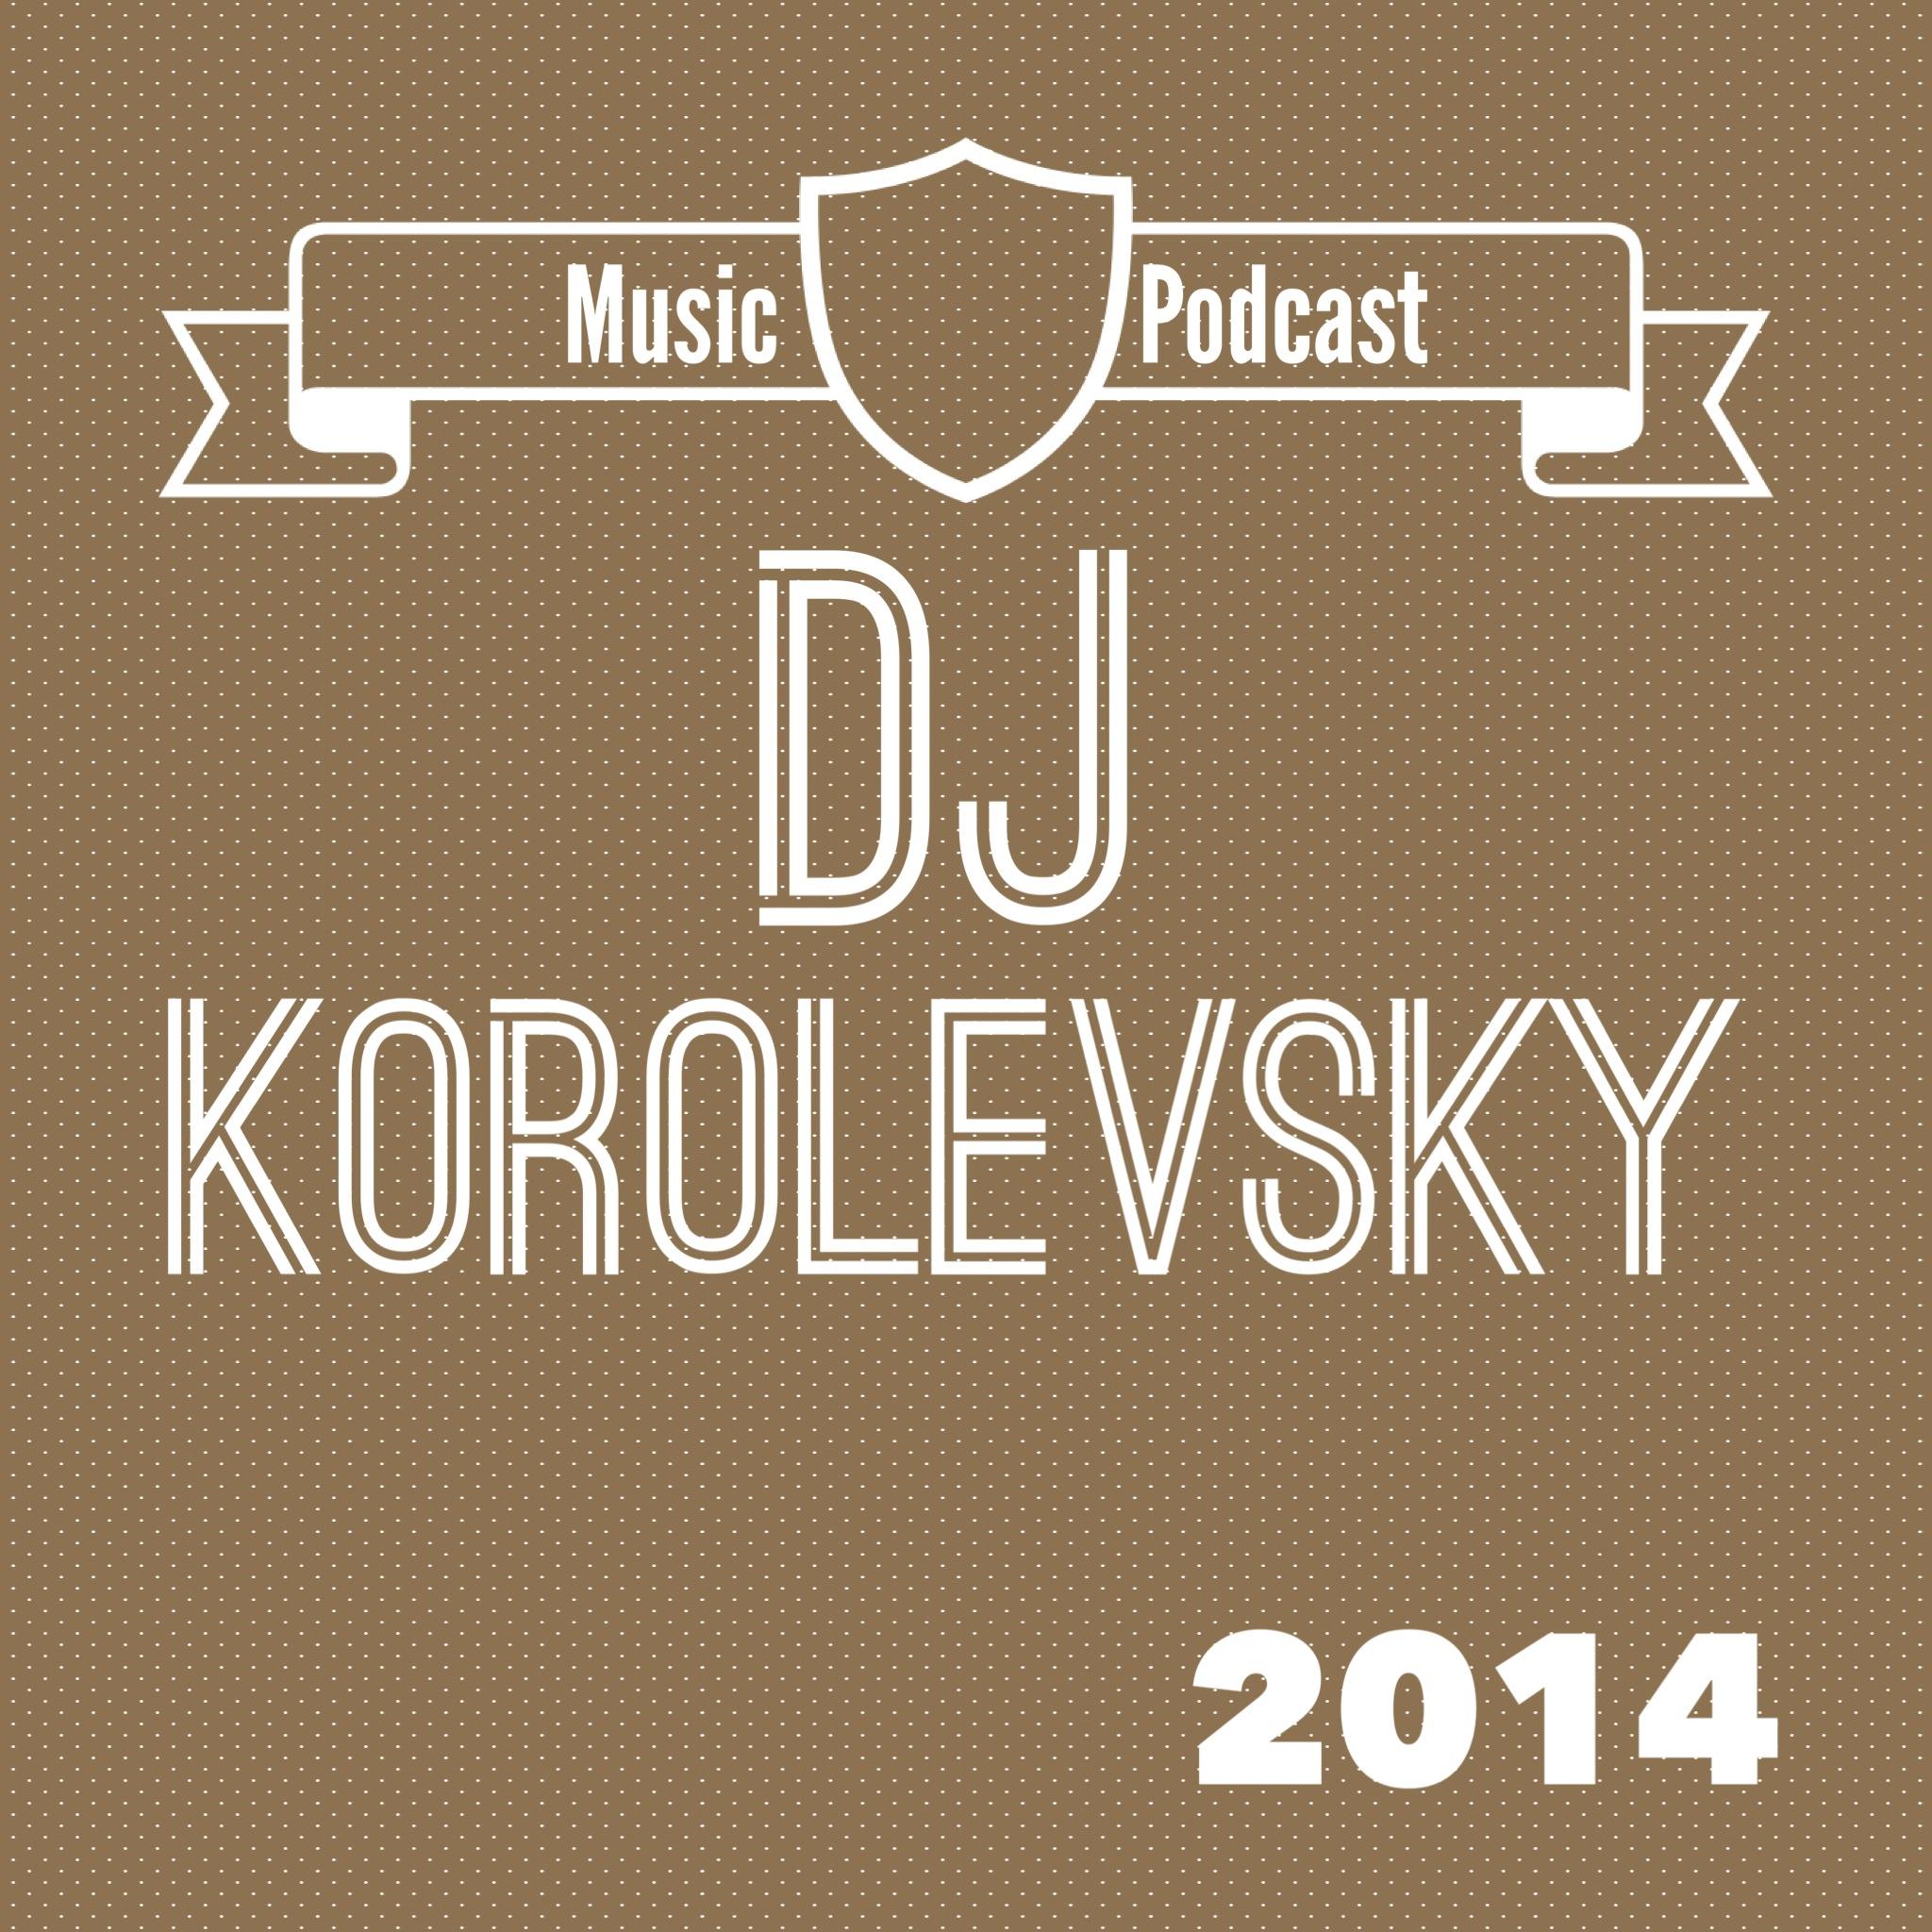 Dj Korolevsky music podcast